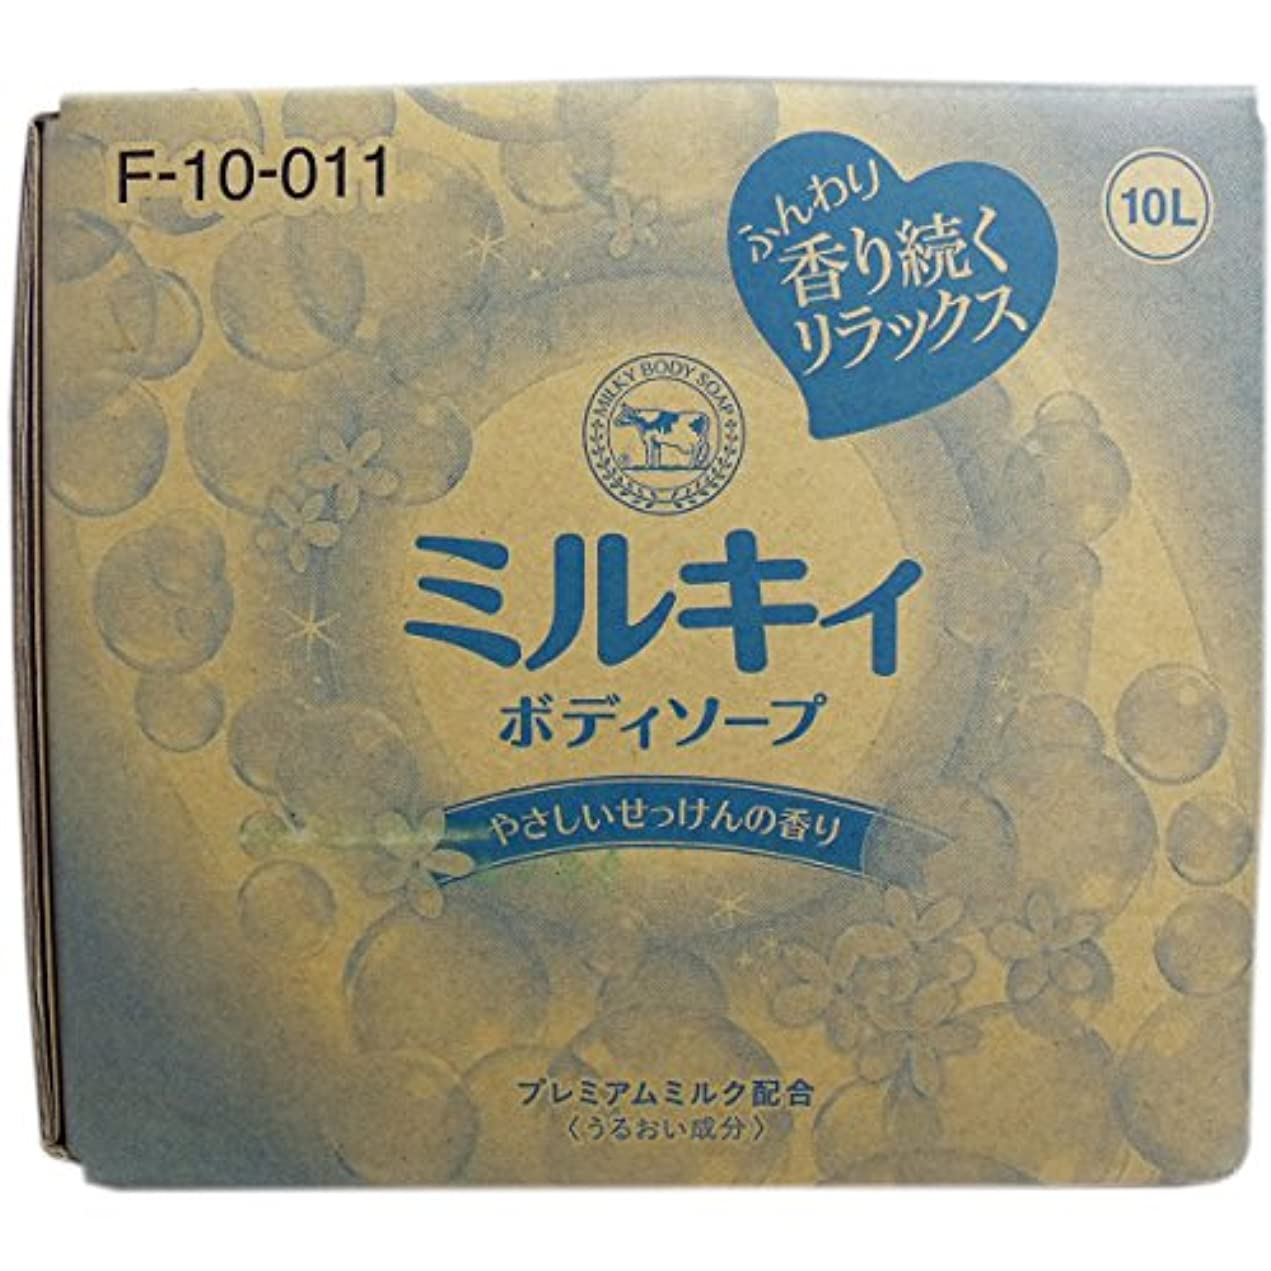 パンチみすぼらしいわかりやすいミルキィ ボディソープ やさしいせっけんの香り 業務用 10L